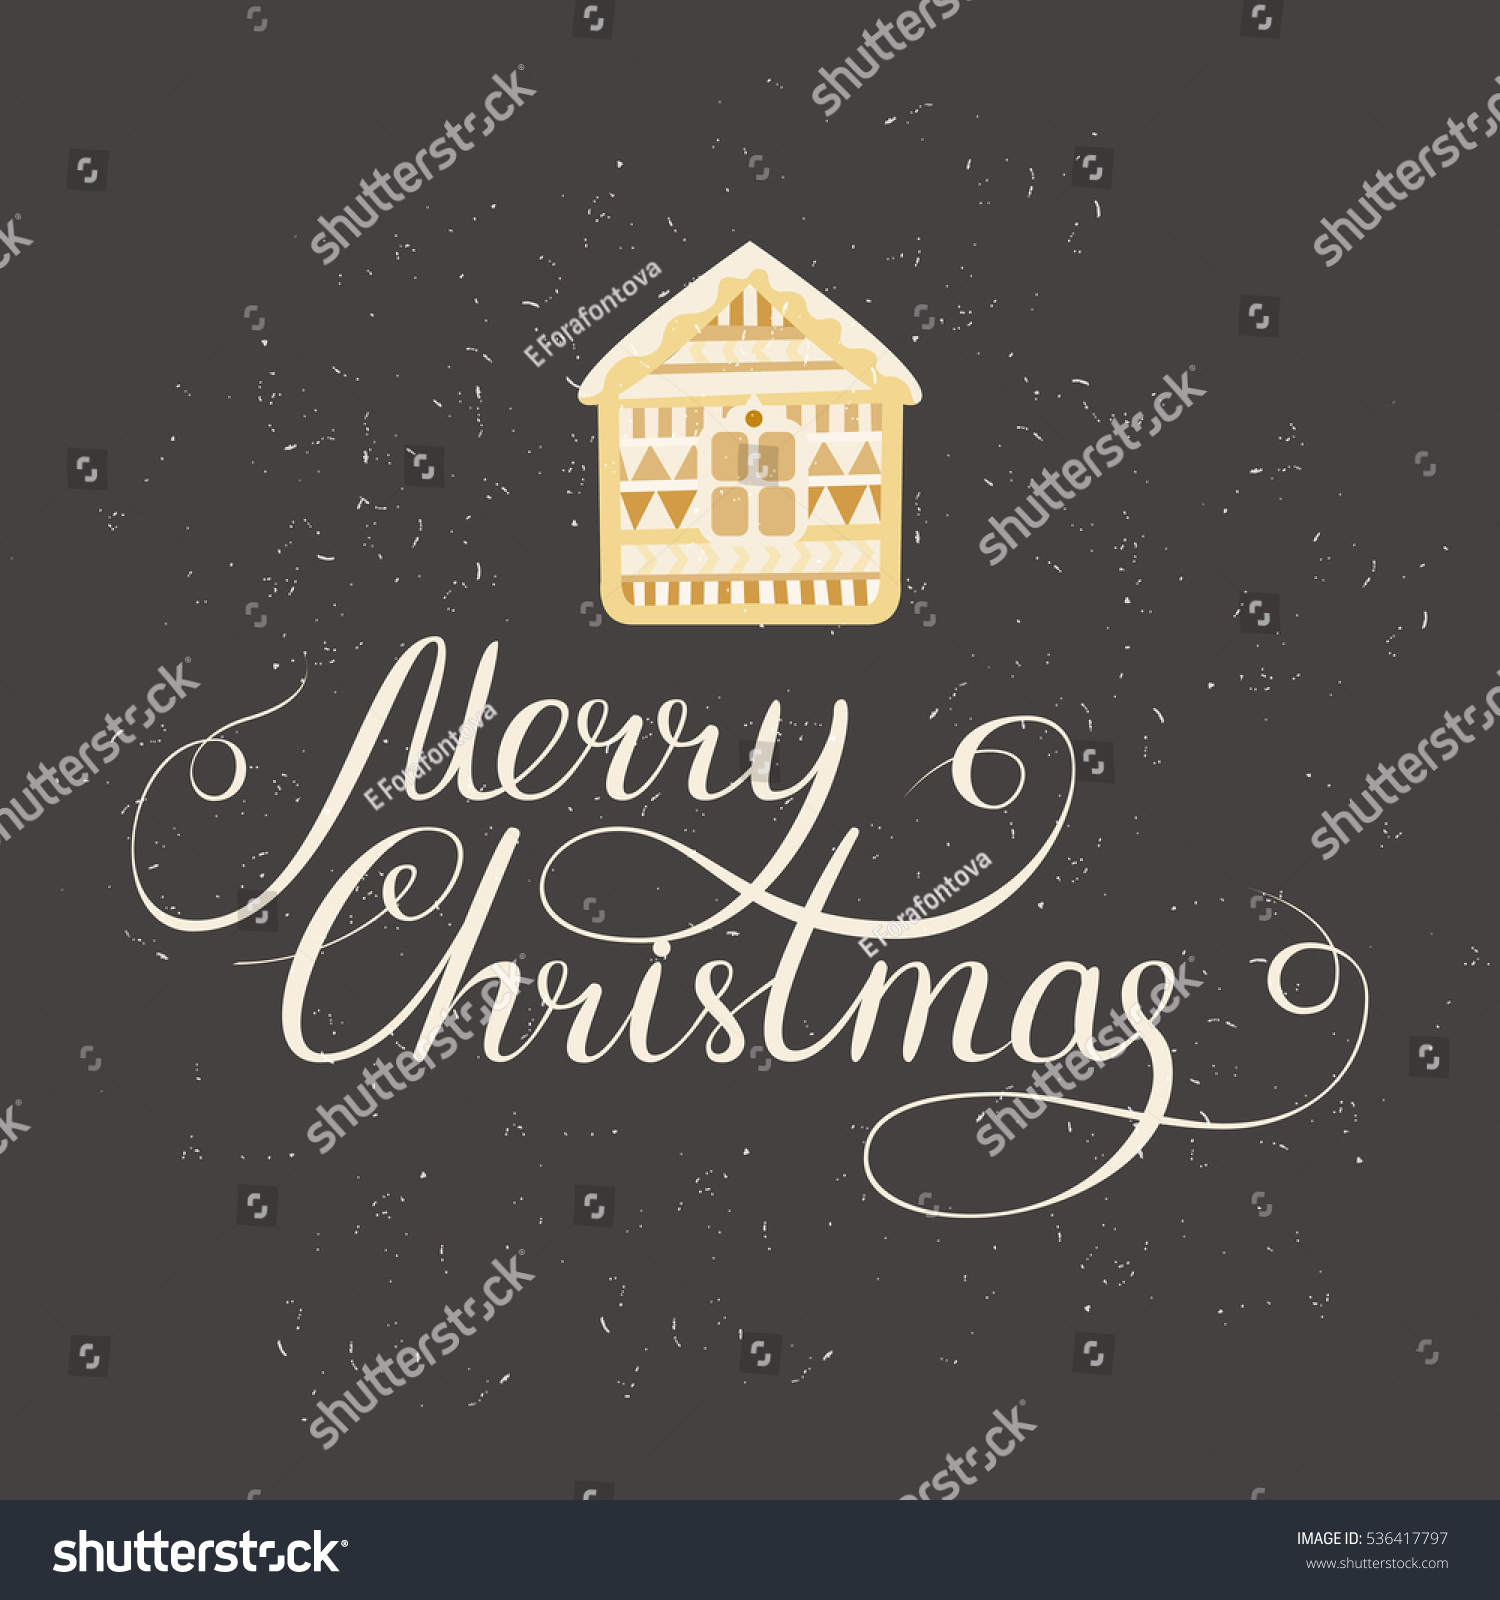 Simple Christmas Card Design Doodle Illustration Stockillustration ...